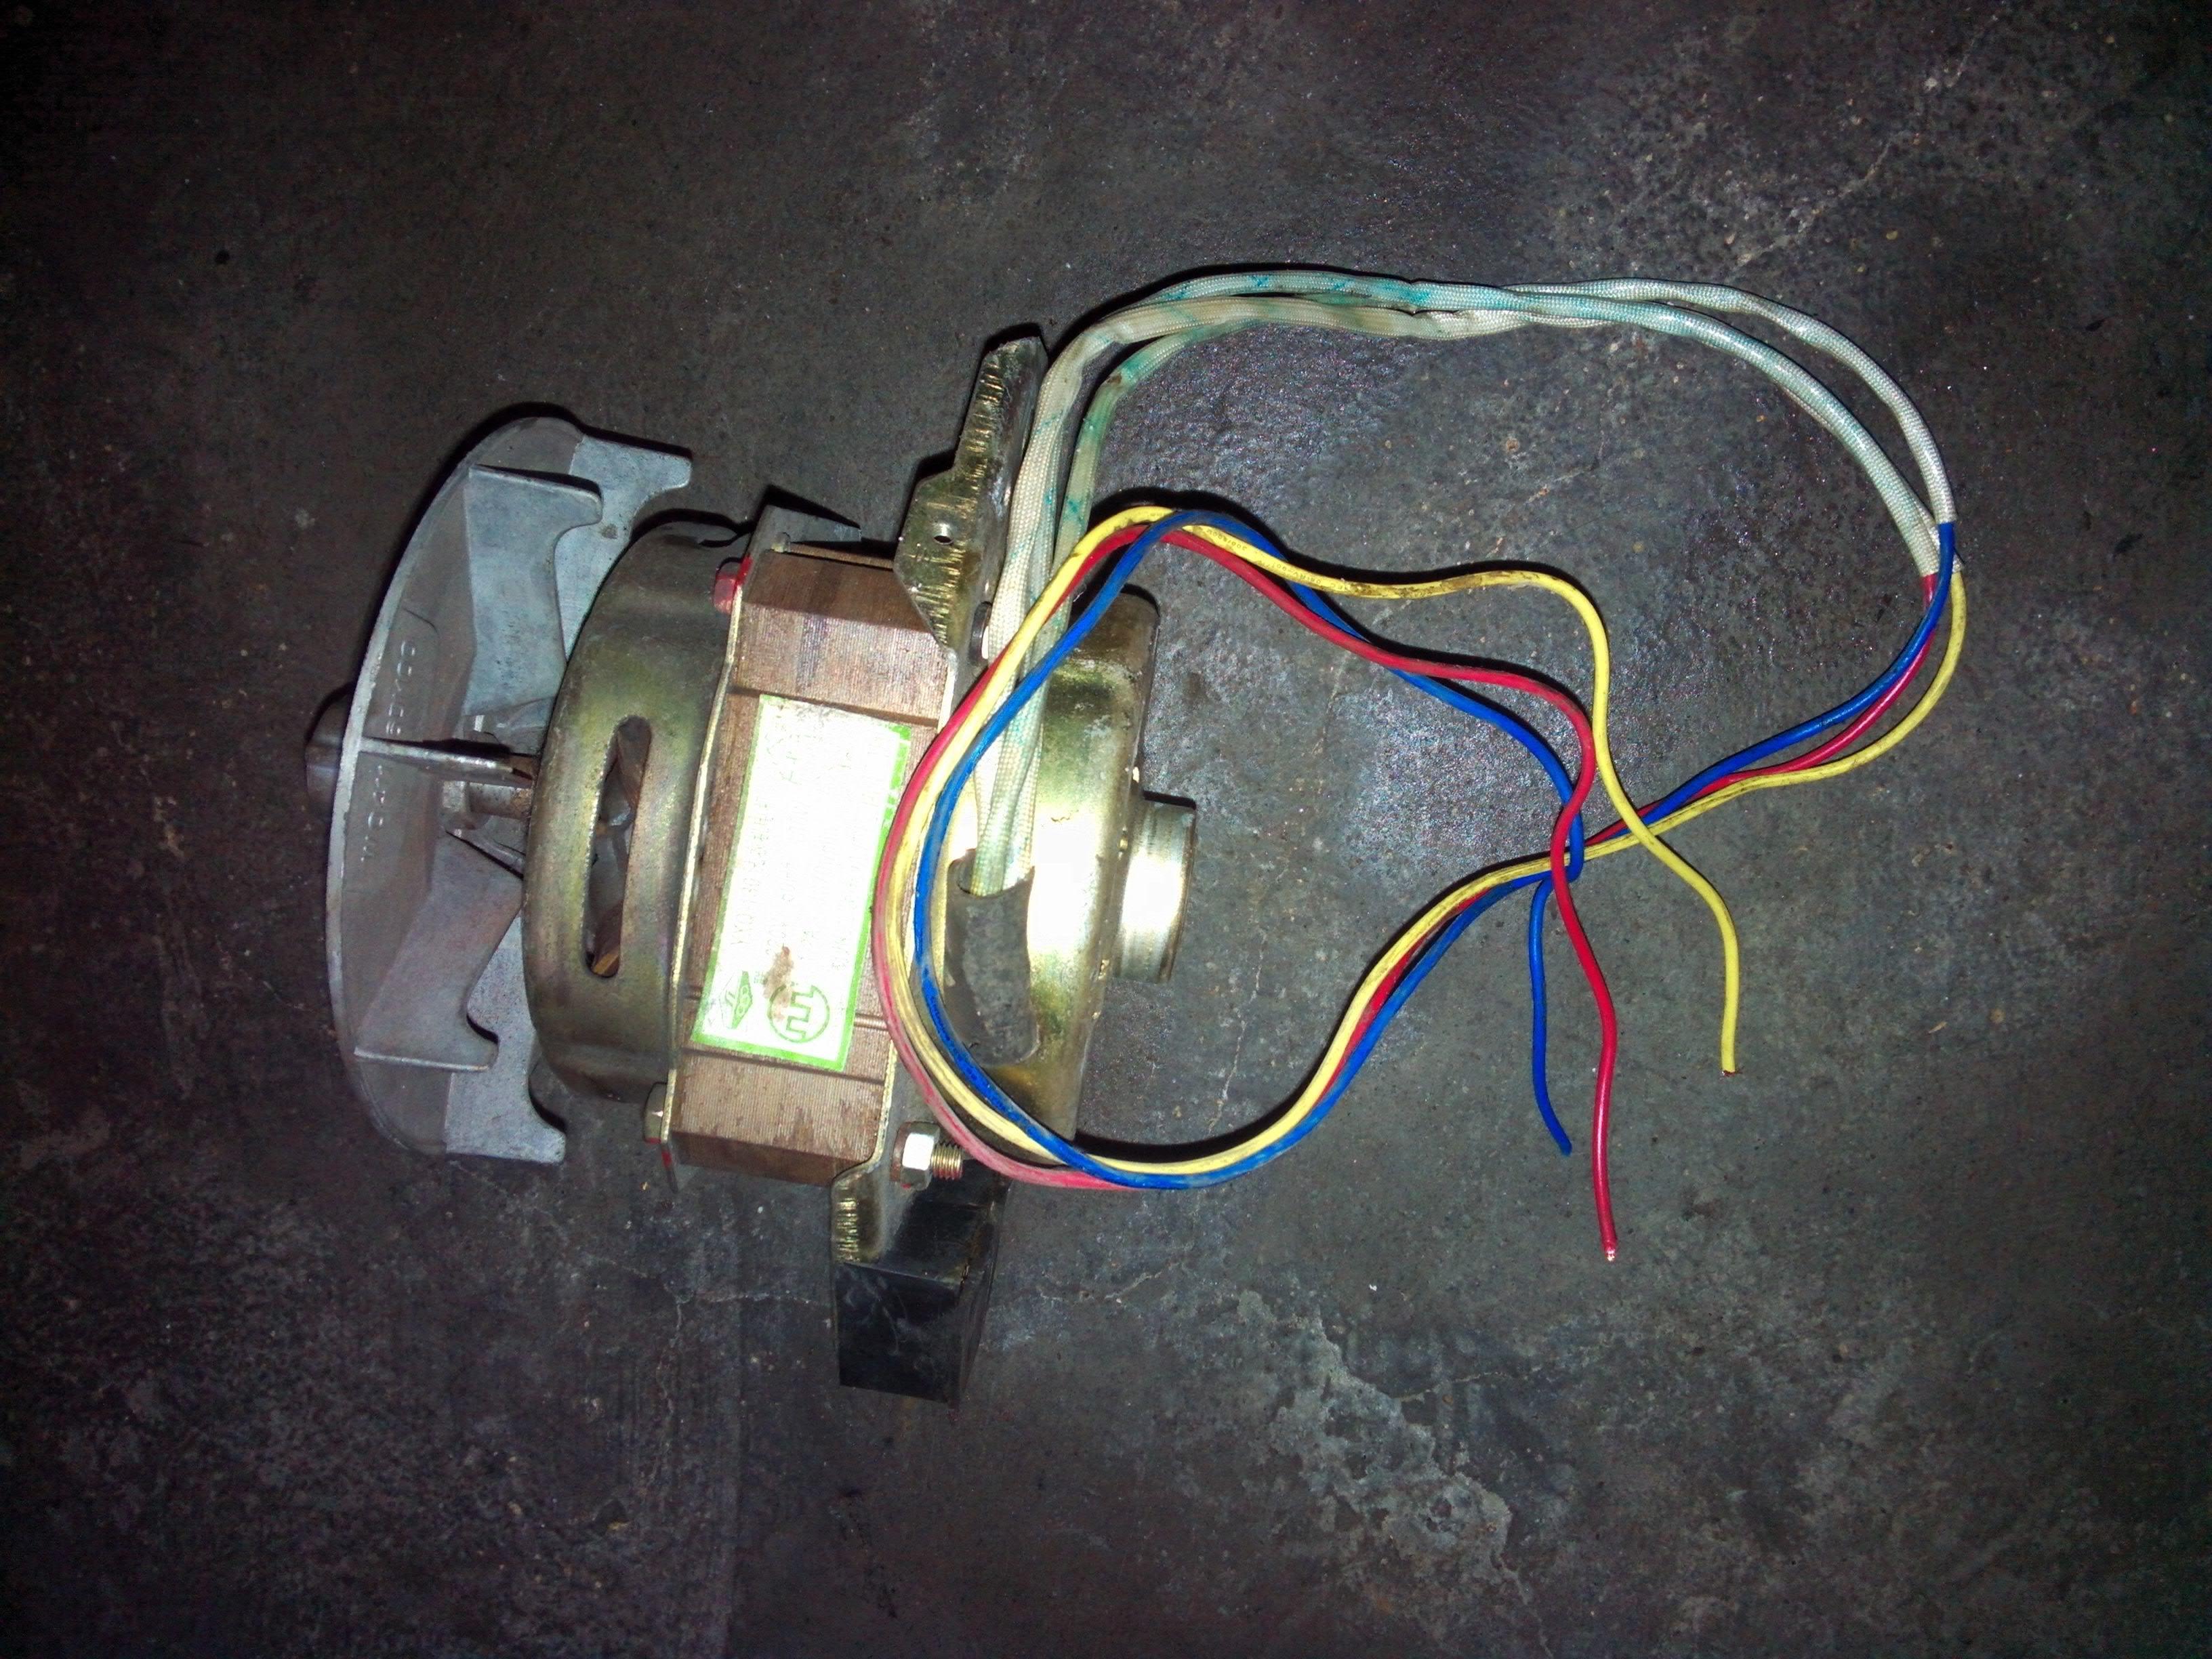 從洗衣機拆下來的電機電容怎么樣直接接通電源轉動